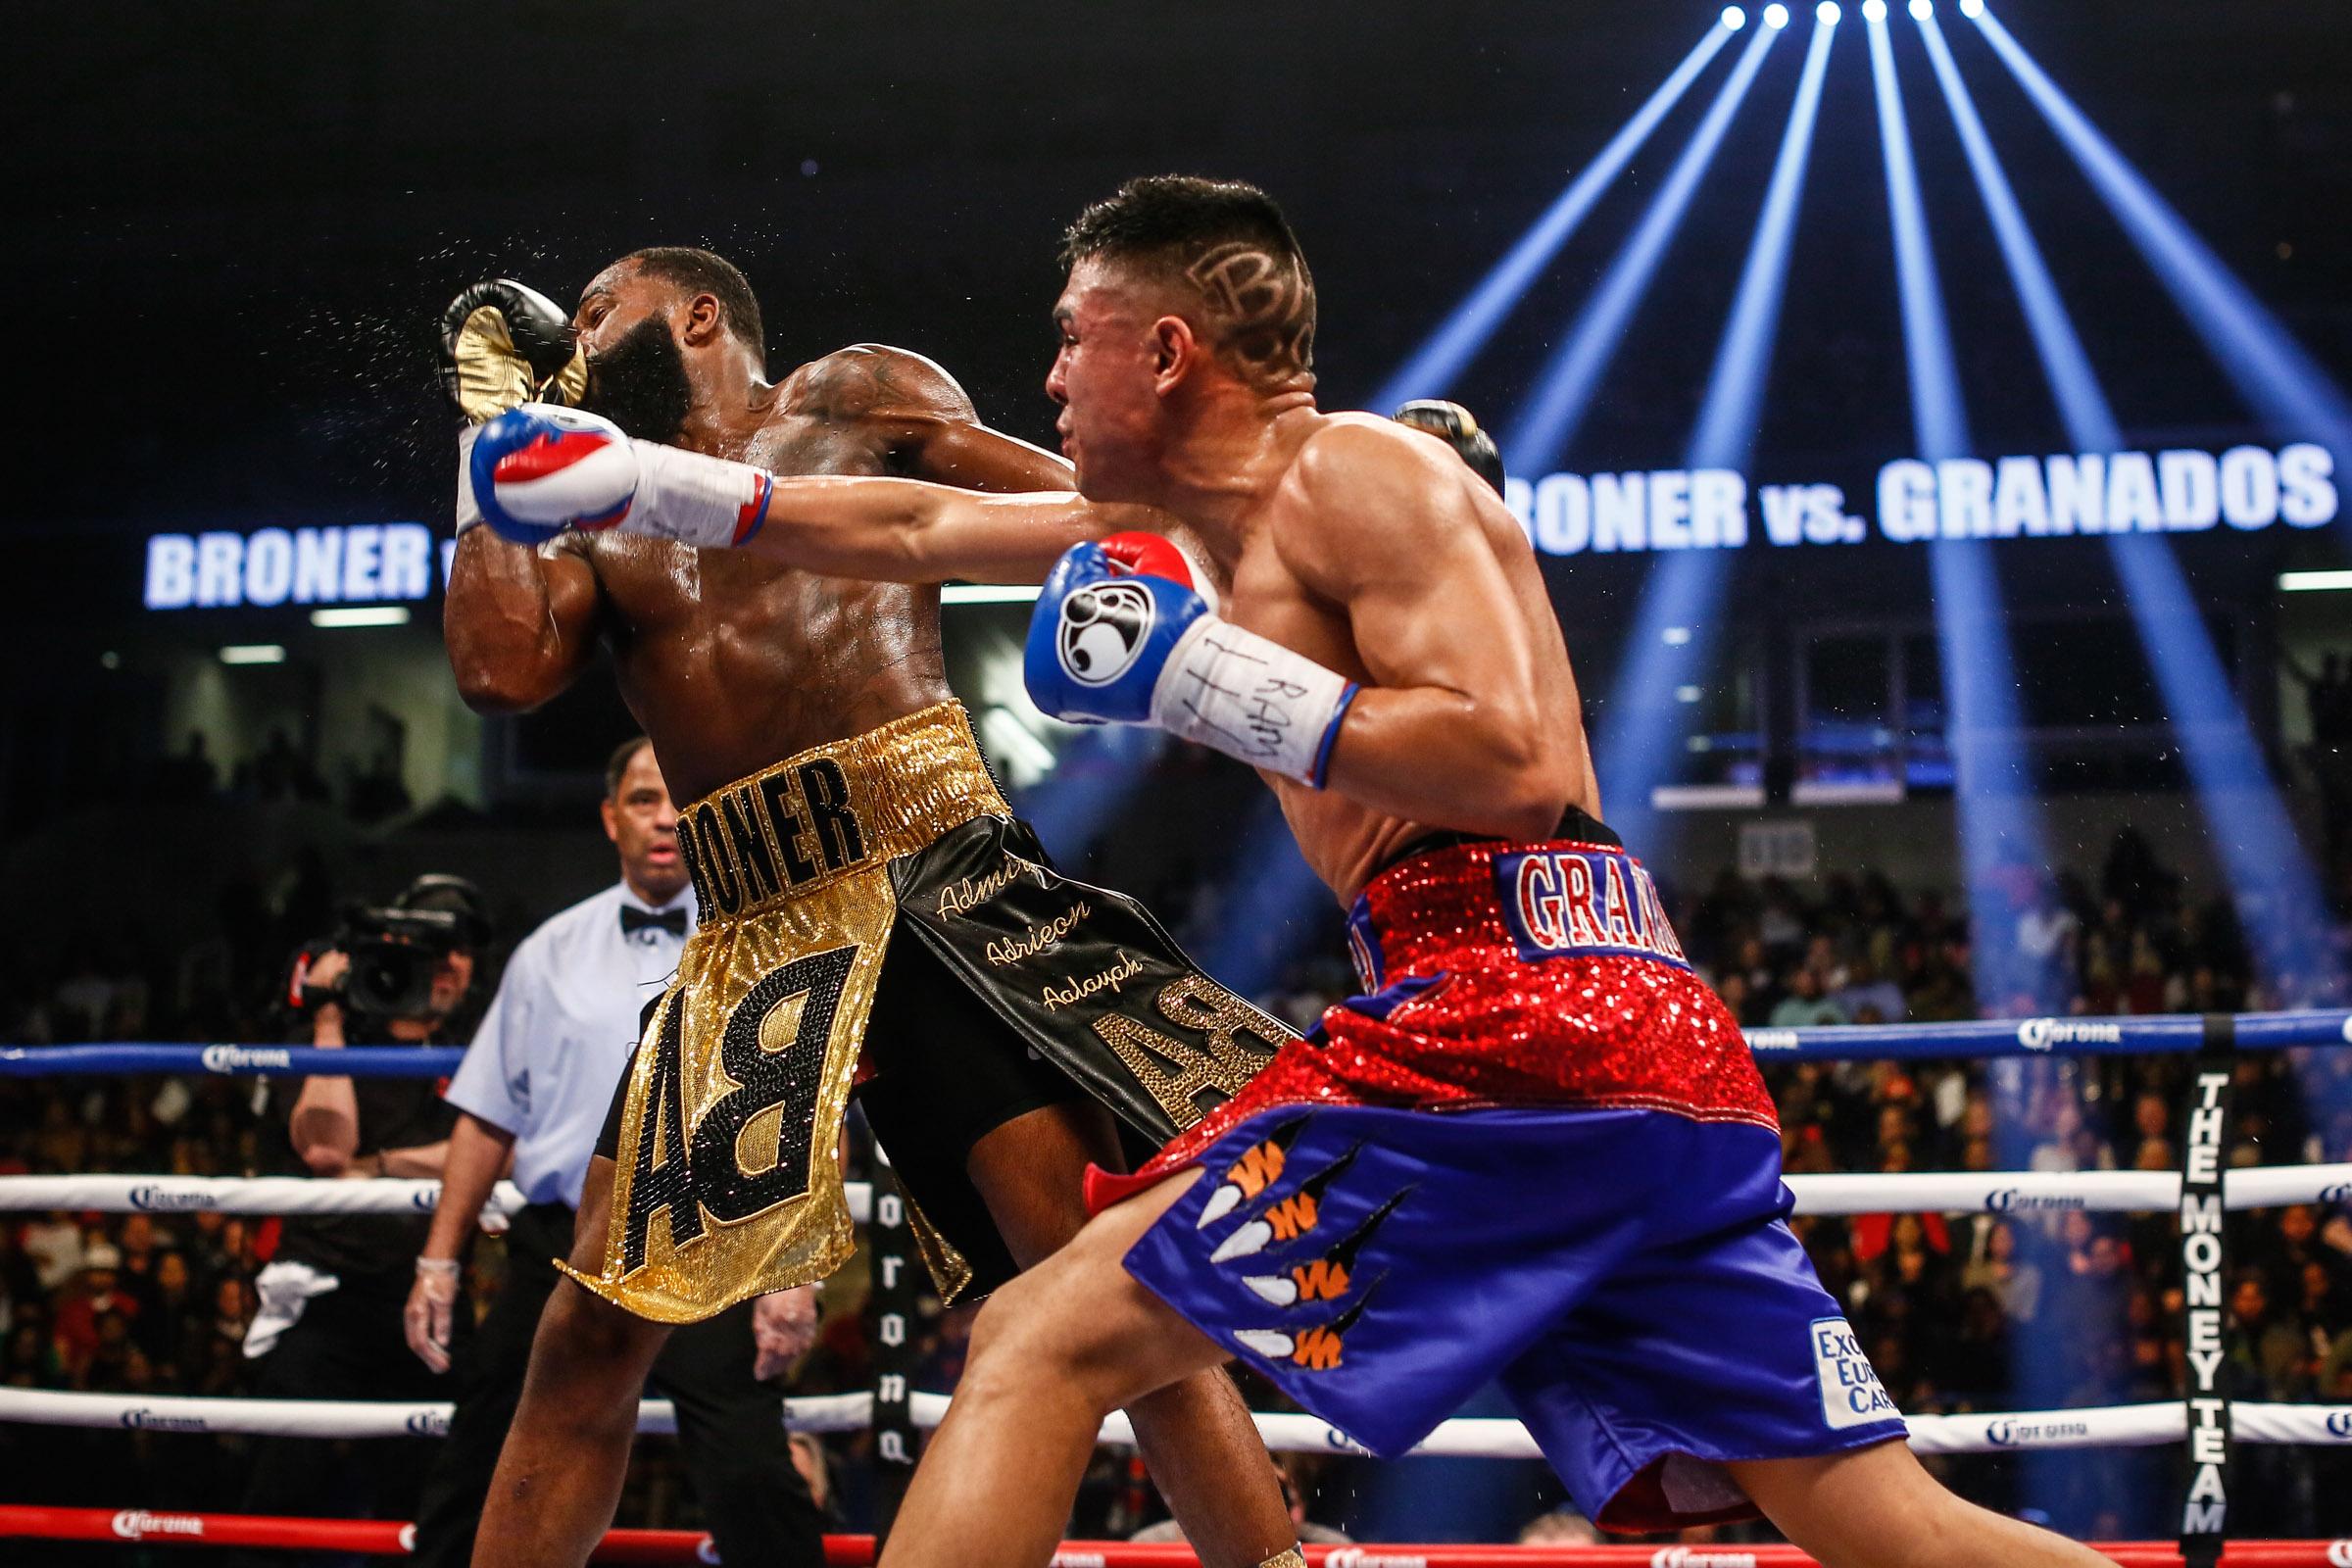 LR_SHO-FIGHT NIGHT-BRONER VS GRANADOS-02182017-9678.jpg